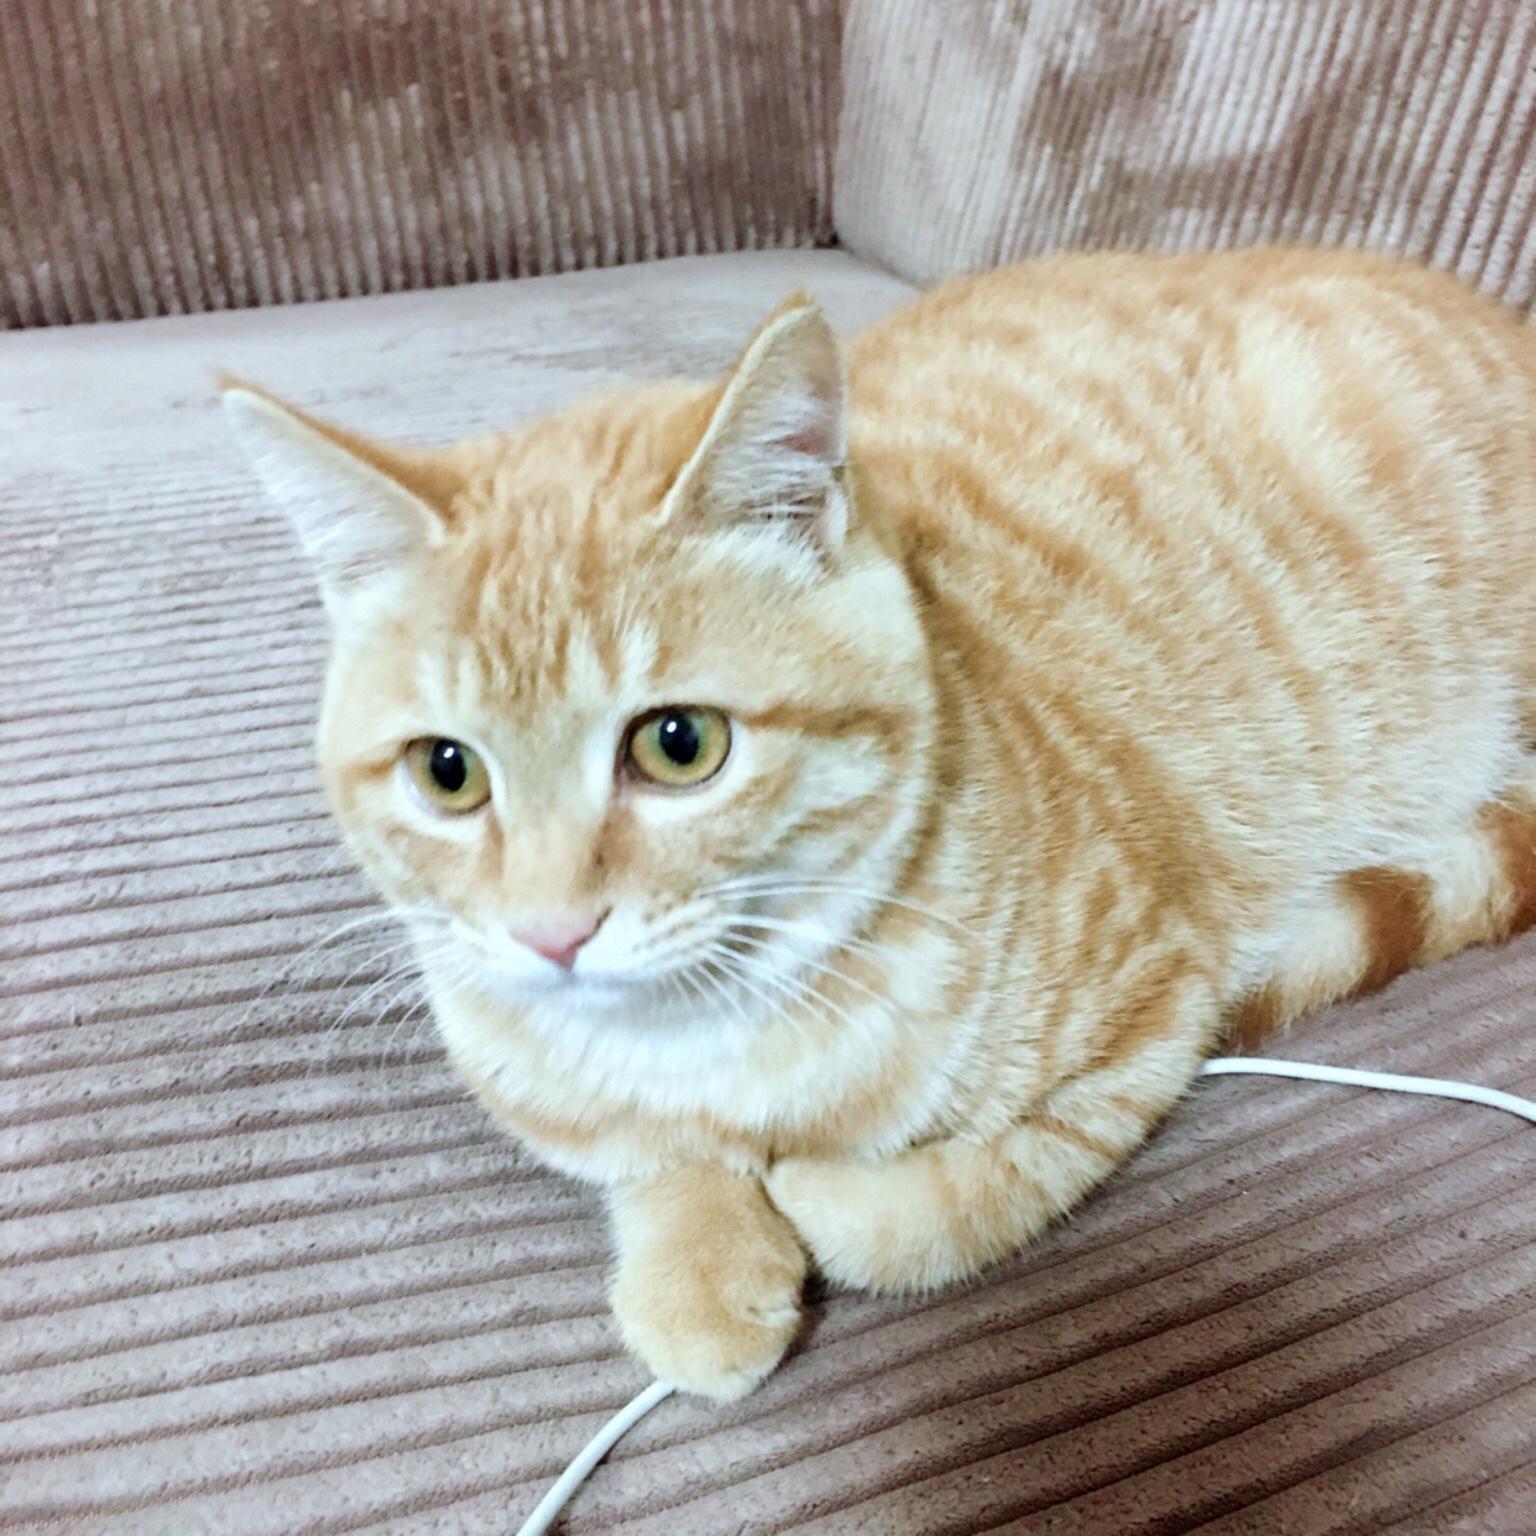 橘猫小胖为何露出肚皮?请看今日份撸猫大餐